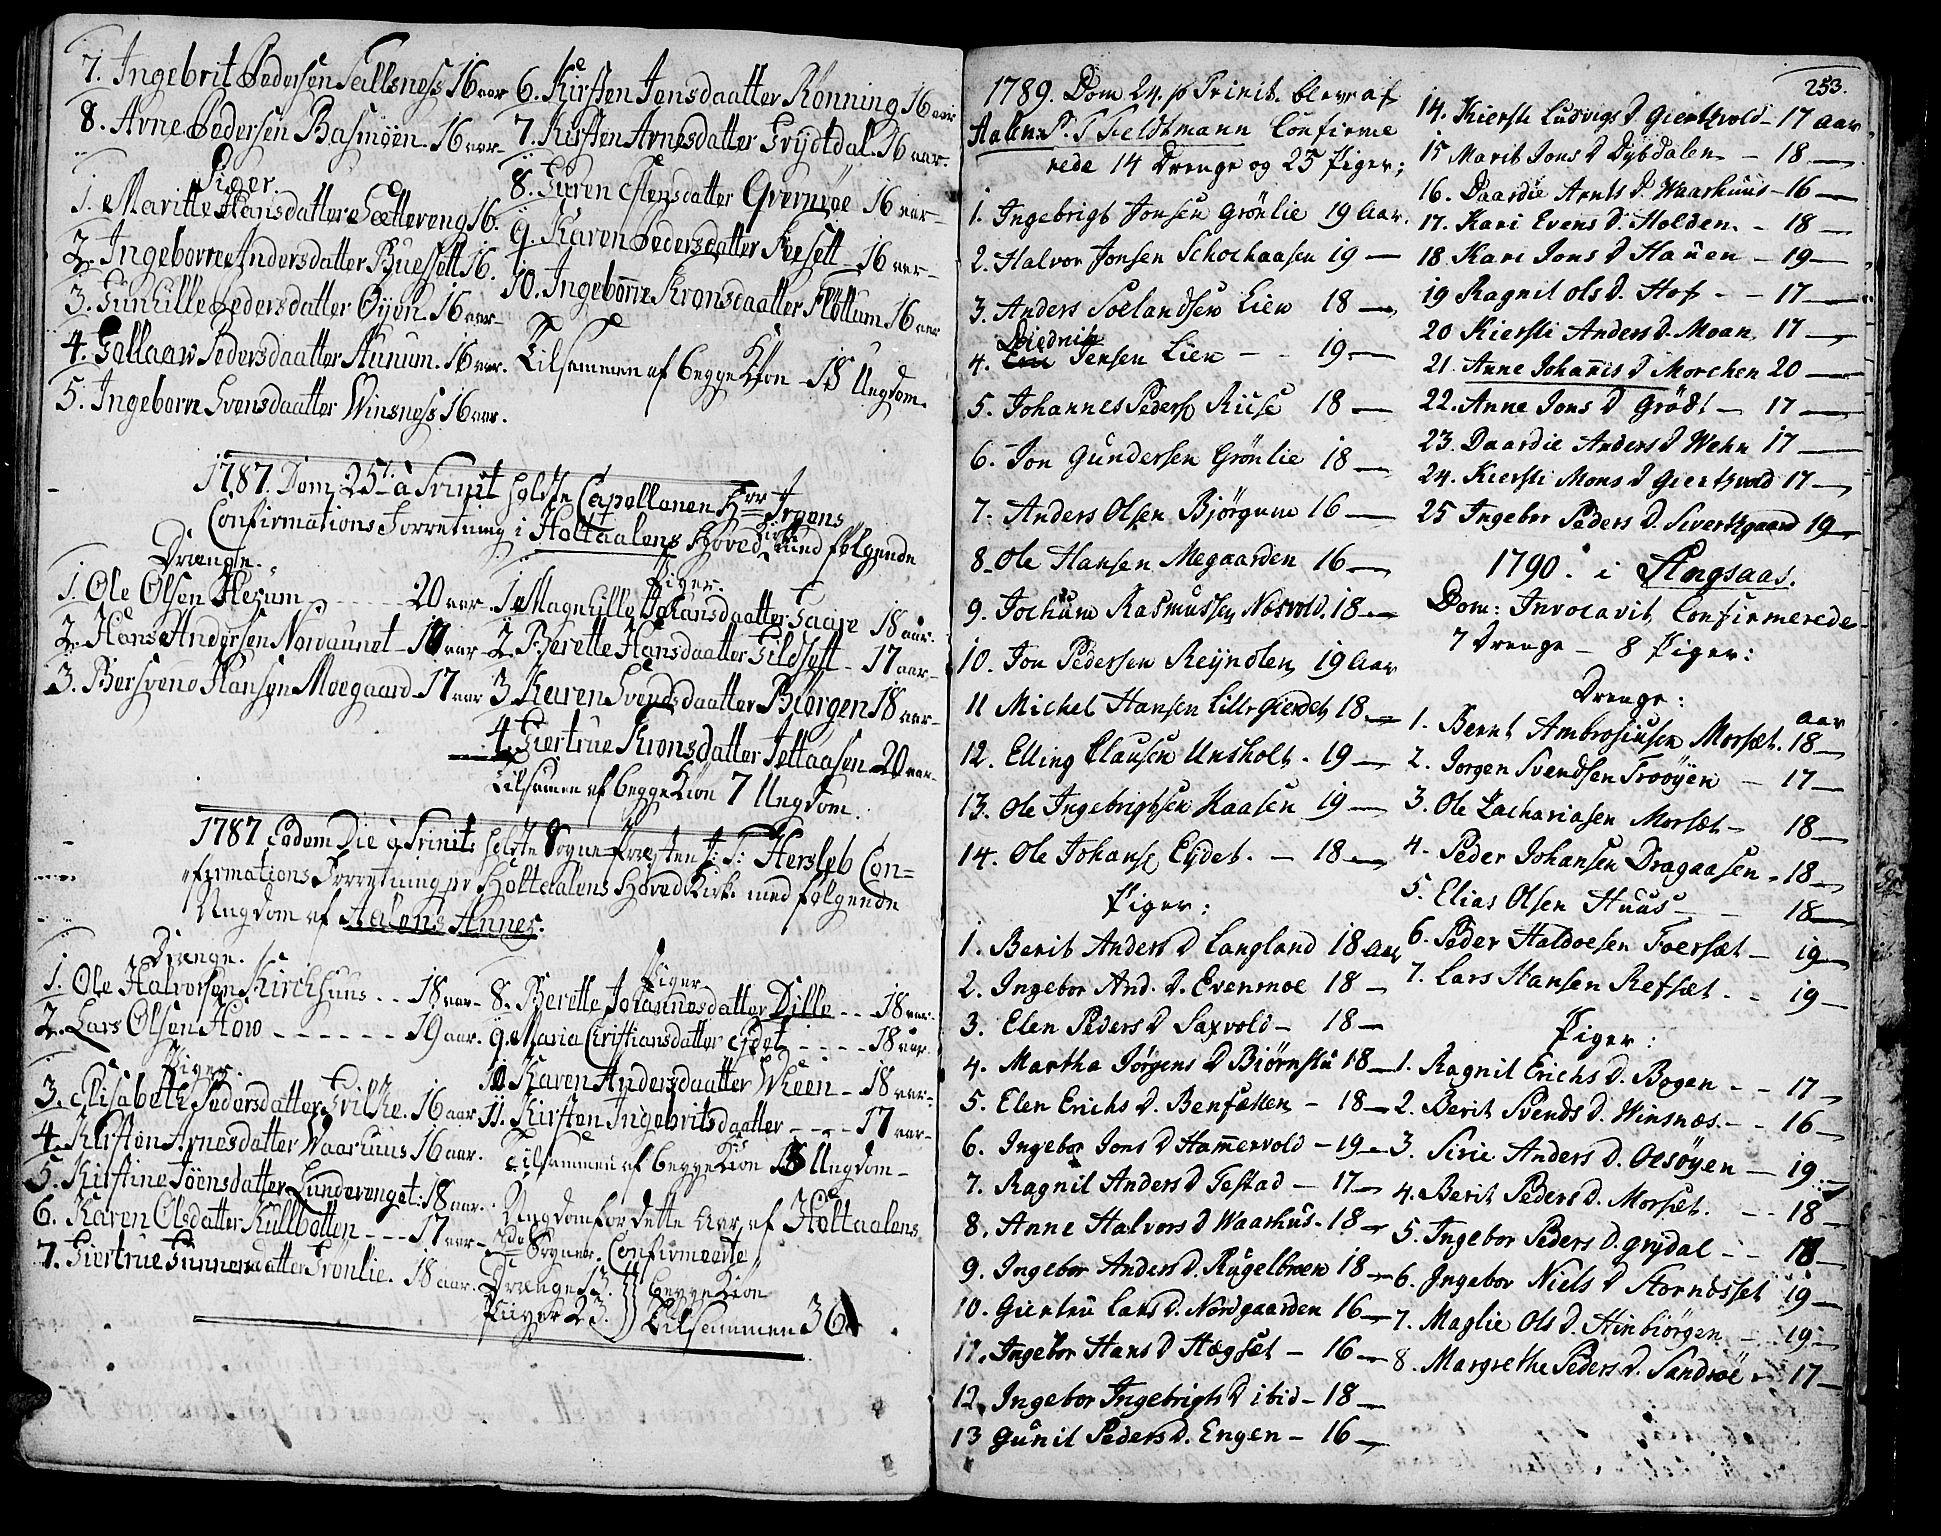 SAT, Ministerialprotokoller, klokkerbøker og fødselsregistre - Sør-Trøndelag, 685/L0952: Ministerialbok nr. 685A01, 1745-1804, s. 253